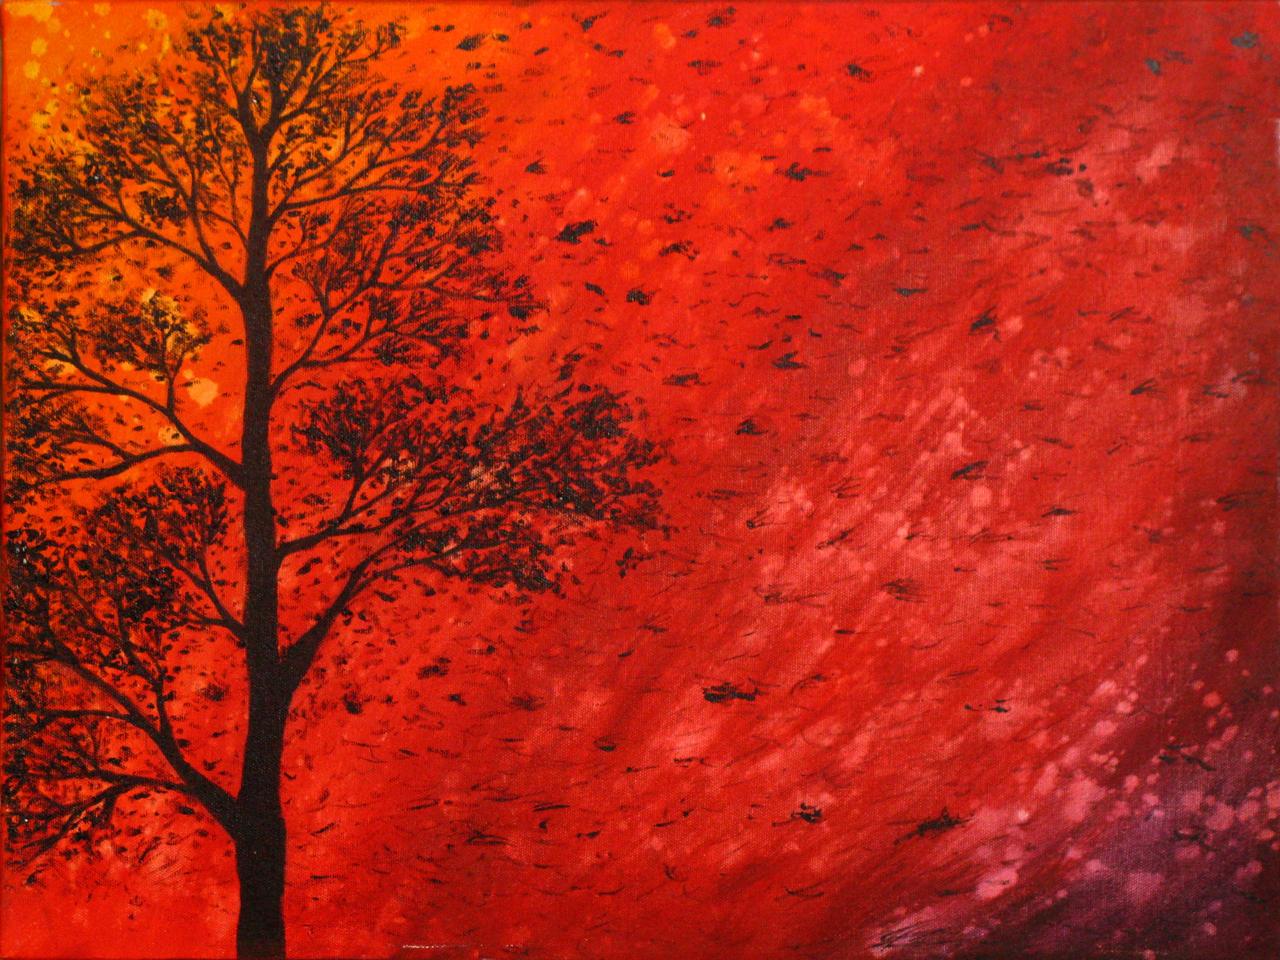 Autumn Wind by kimberly-castello